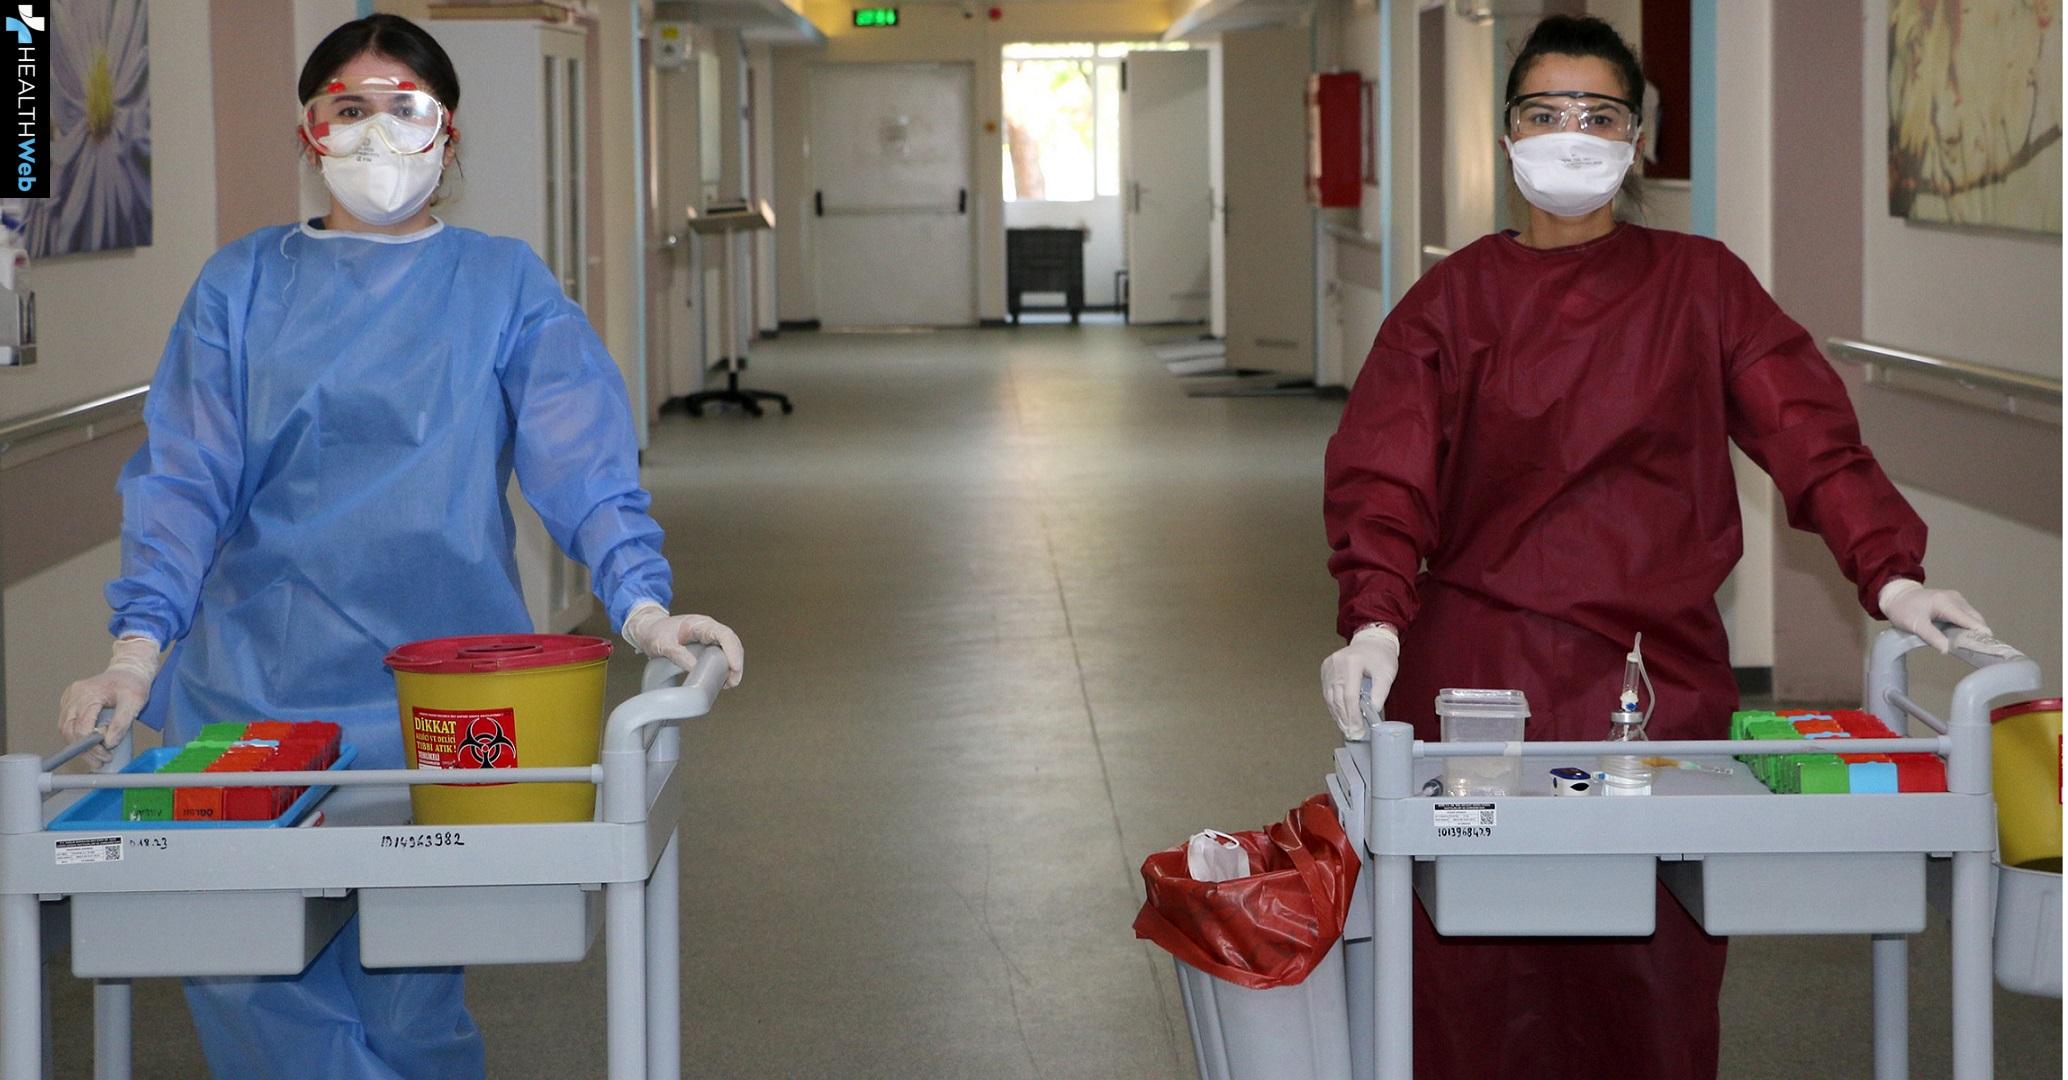 Στα 'μαχαίρια' οι νοσηλευτές.Καταγγέλλουν το Υπουργείο Υγείας για εμπαιγμό